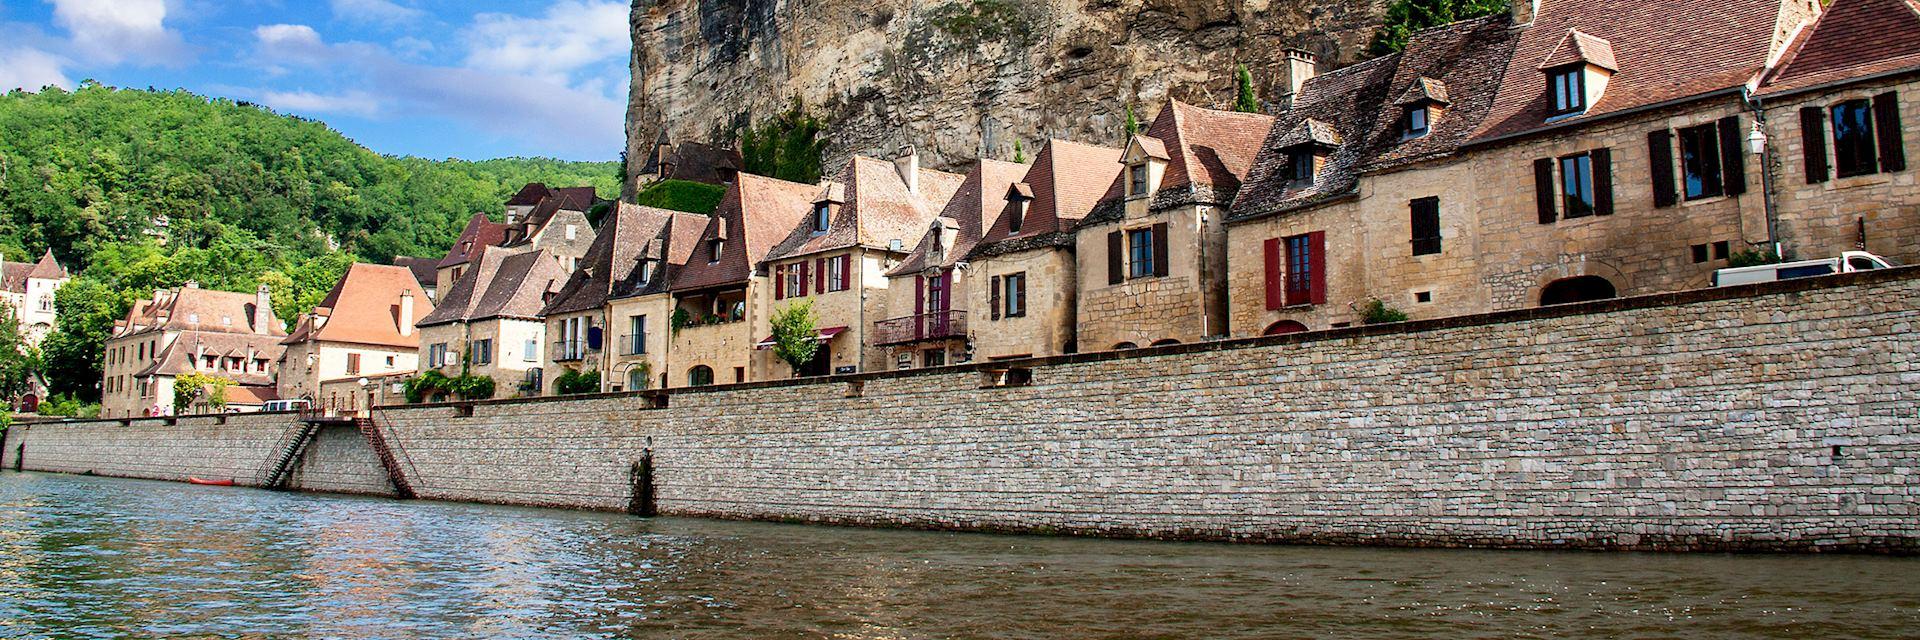 La Roque-Gageac, Dordogne